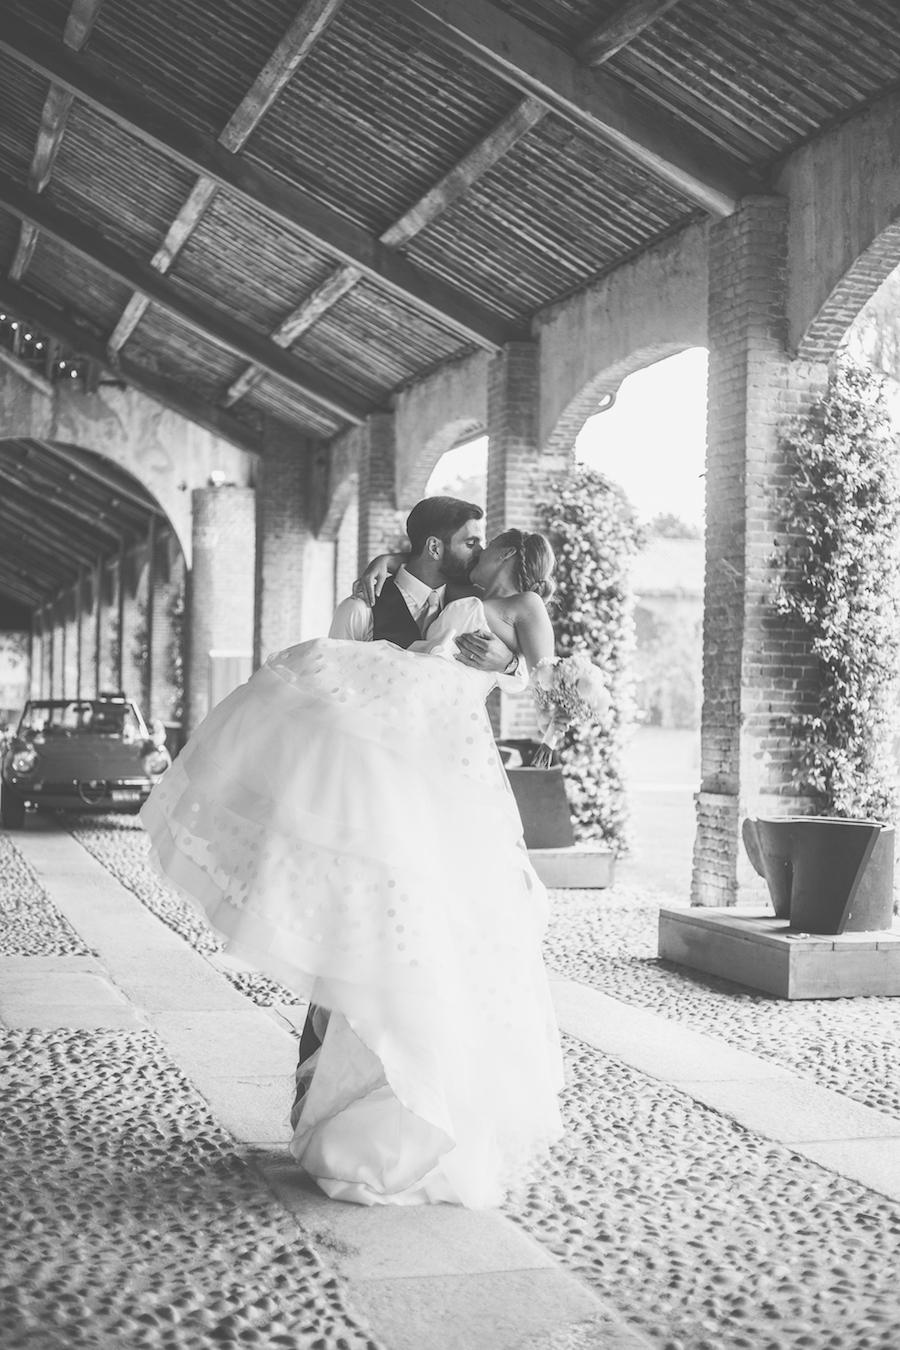 Matrimonio Rustico Romantico : Un abito da sposa a pois per matrimonio tra rustico e